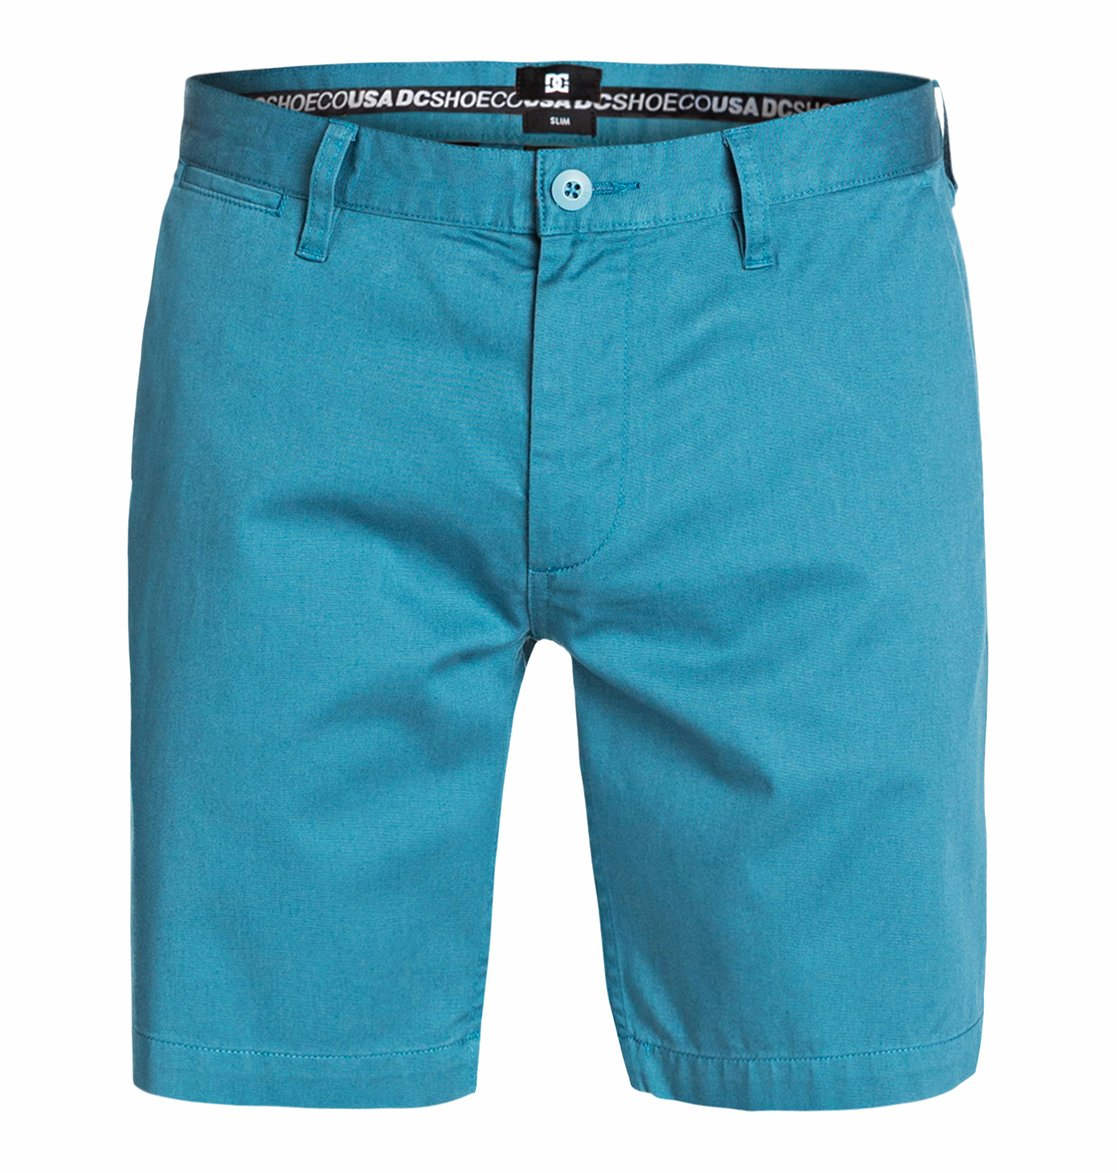 Здесь можно купить   Worker Slim 18 Shorts Шорты